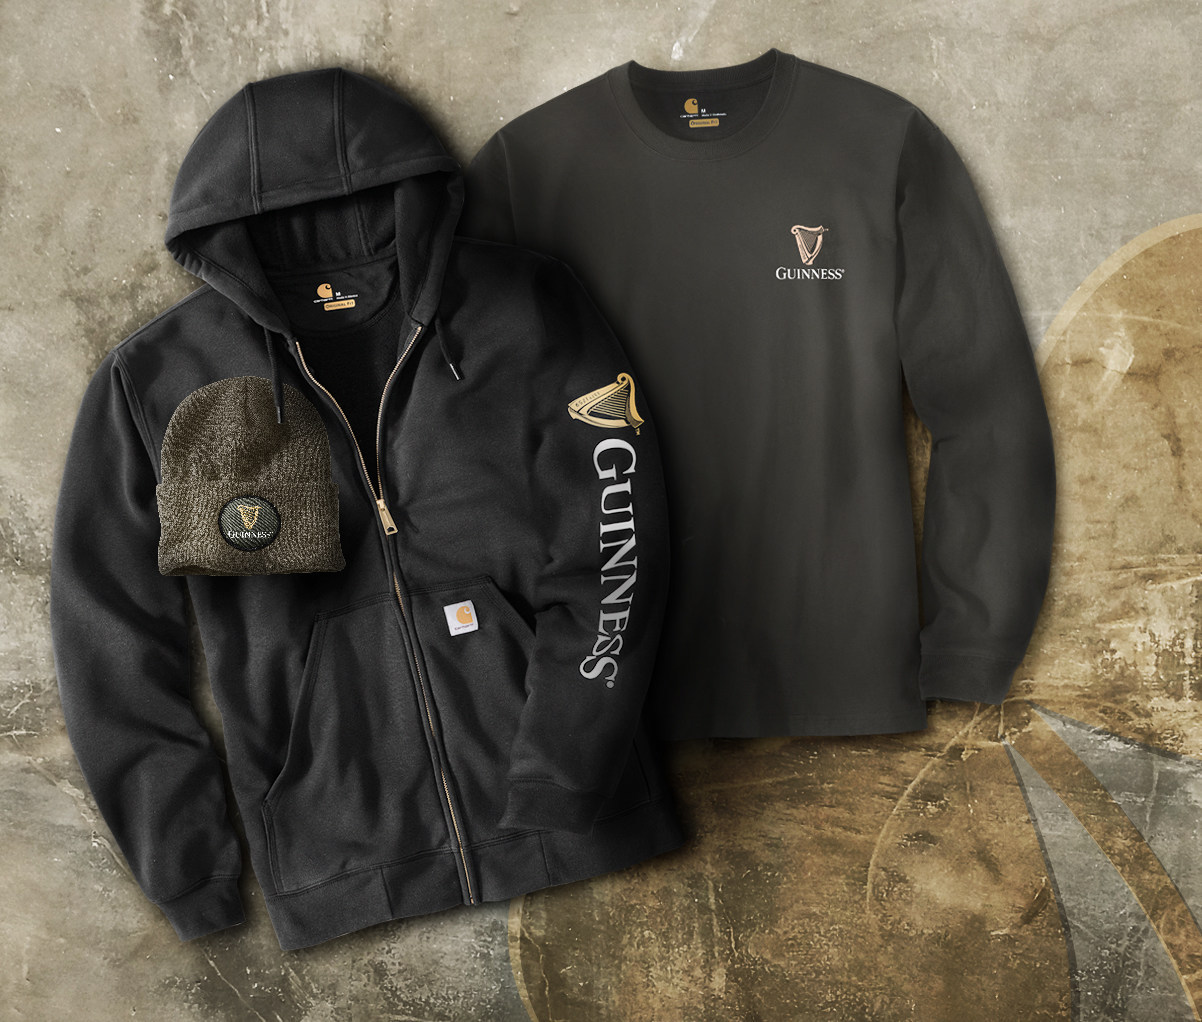 Guinness x Carhartt - Sweatshirt Long-Sleeve T-Shirt and Beanie